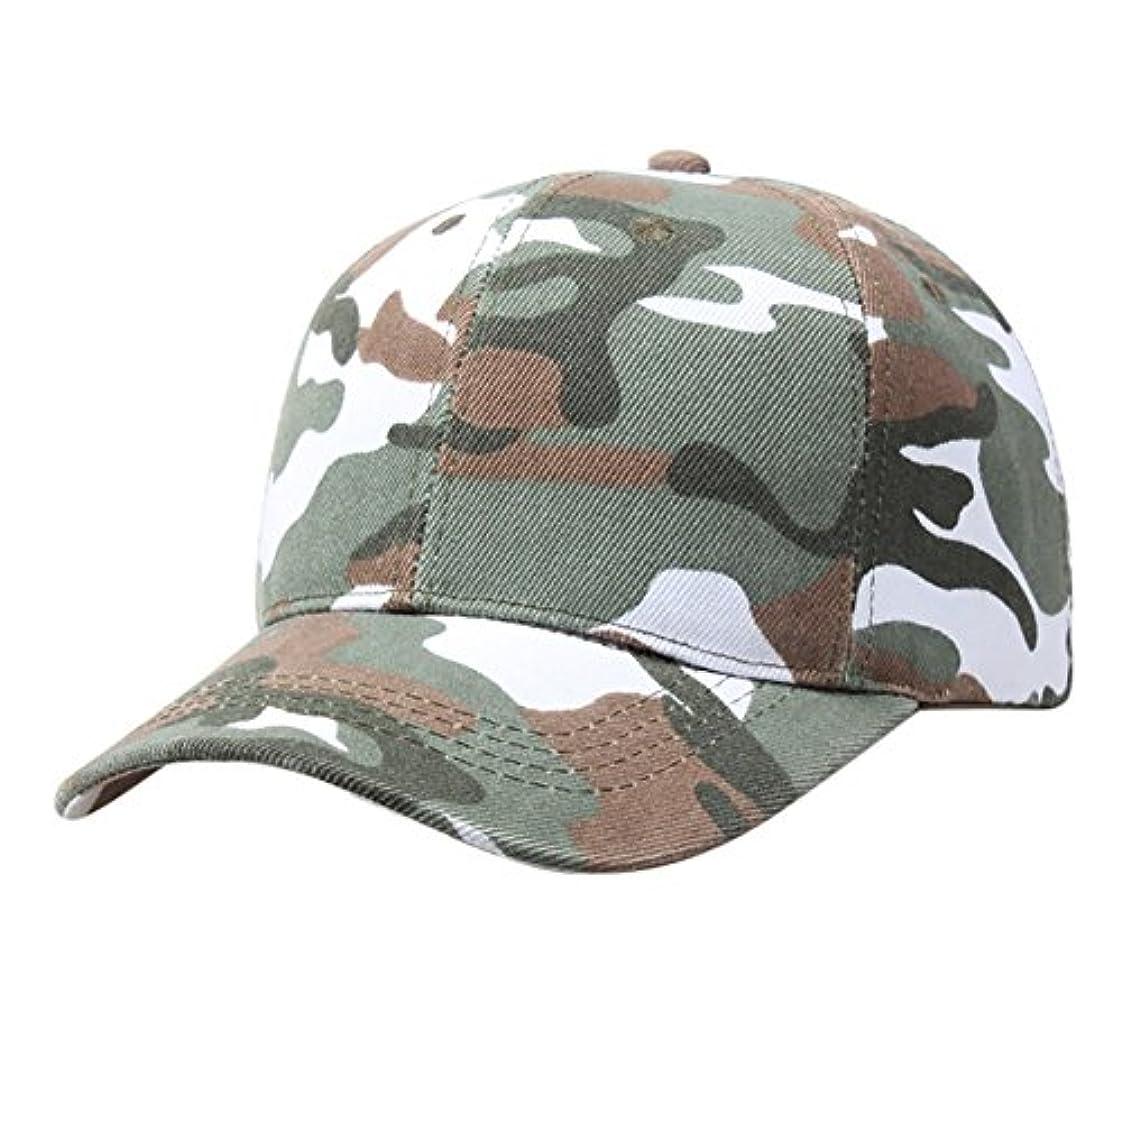 ボーダーソーダ水機械的にRacazing Cap 迷彩 野球帽 軍用 通気性のある ヒップホップ 帽子 夏 登山 緑 可調整可能 棒球帽 男女兼用 UV 帽子 軽量 屋外 カモフラージュ Unisex Cap (緑)